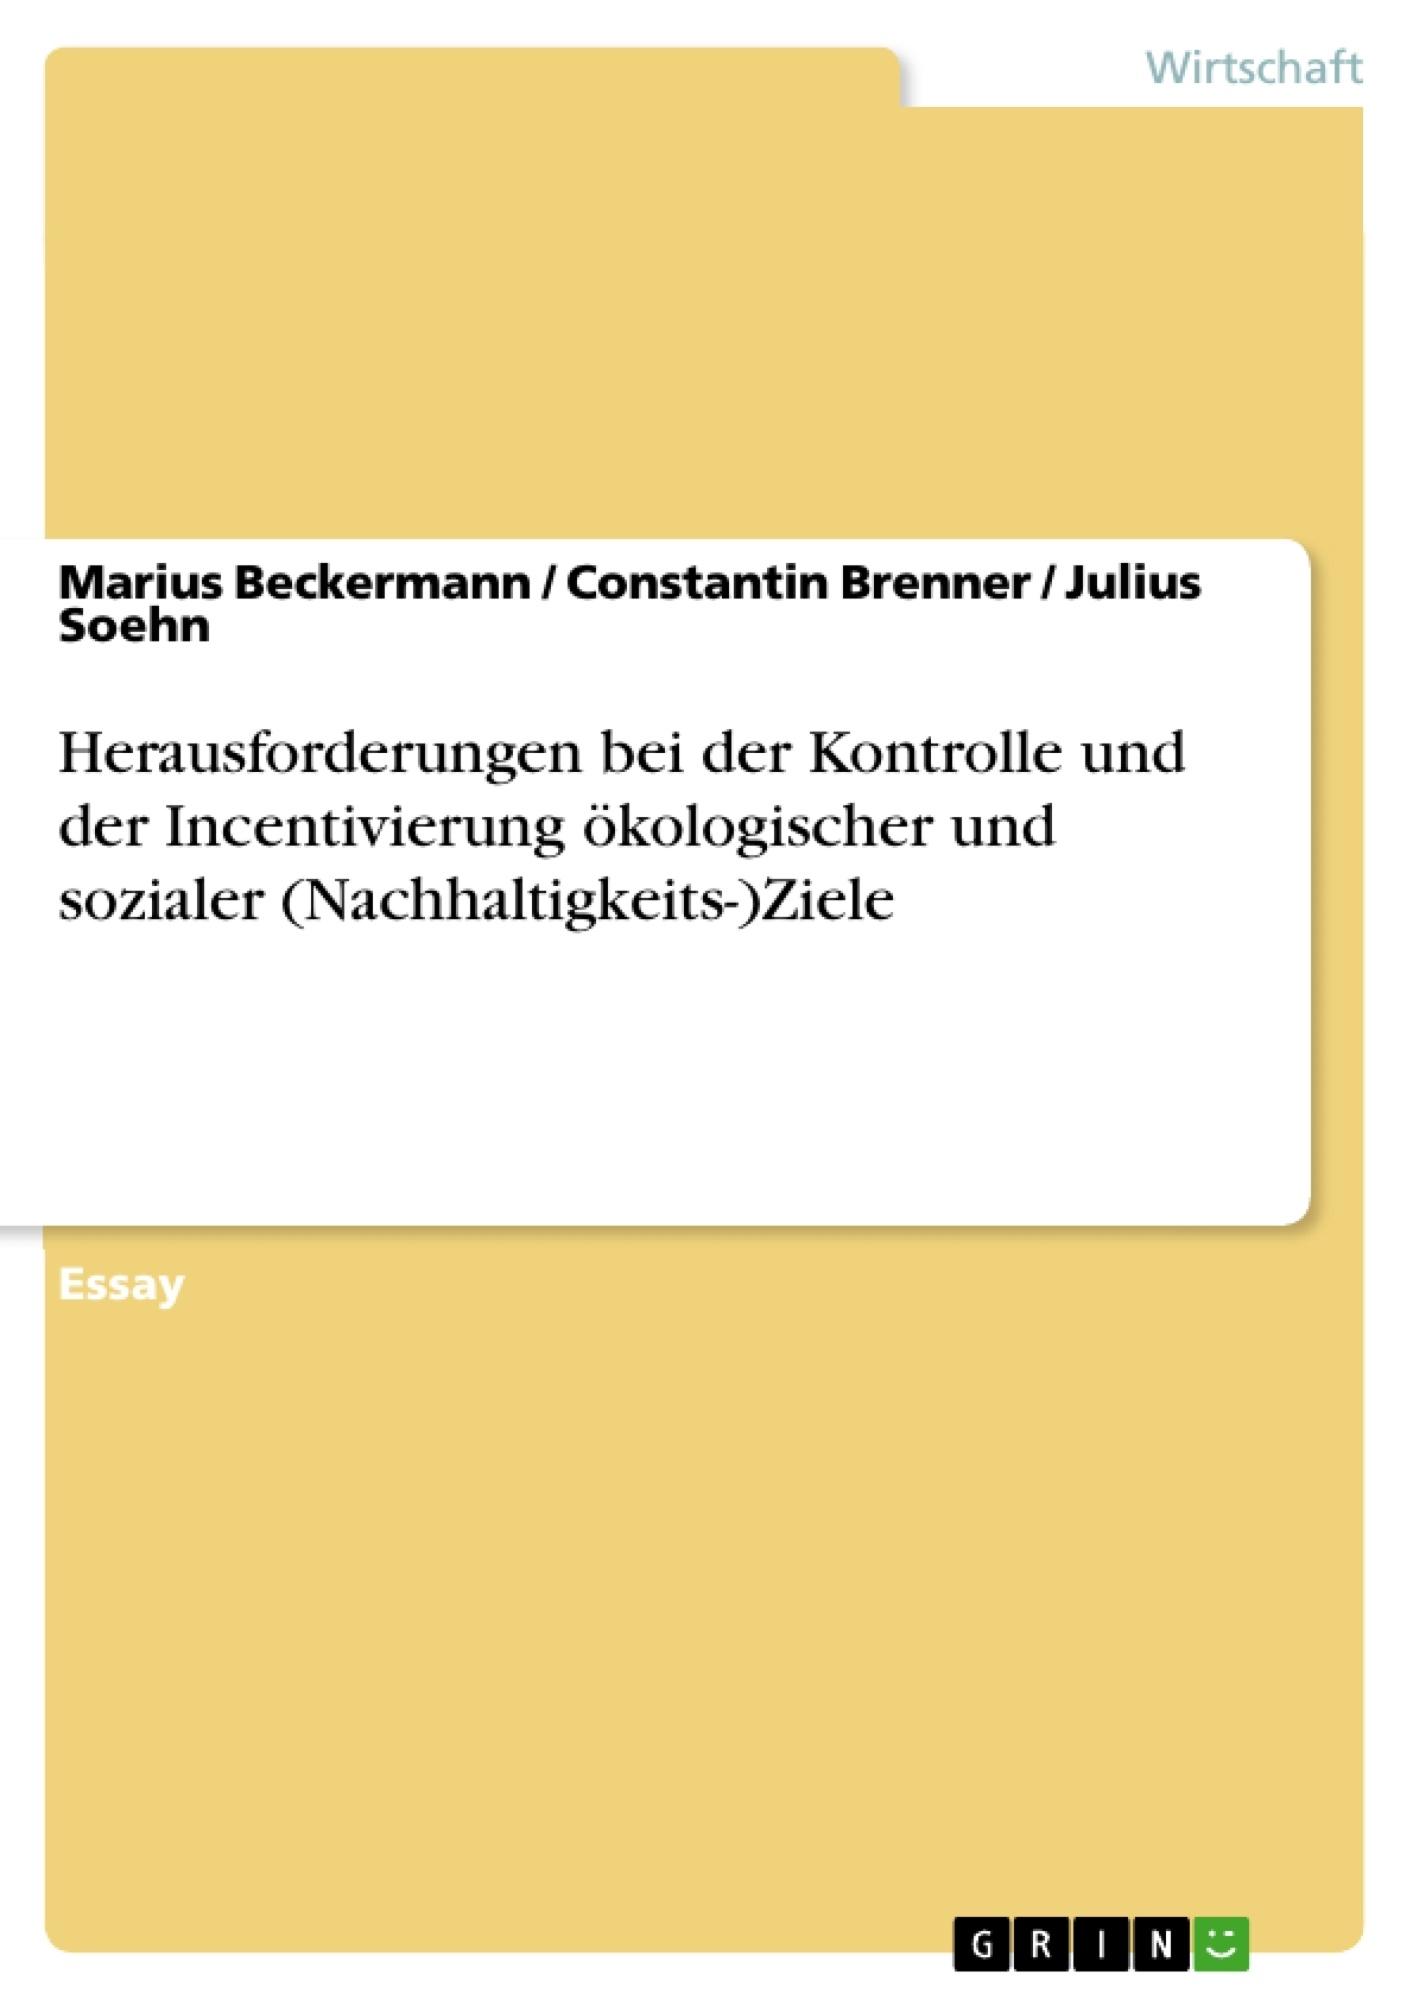 Titel: Herausforderungen bei der Kontrolle und der Incentivierung ökologischer und sozialer (Nachhaltigkeits-)Ziele